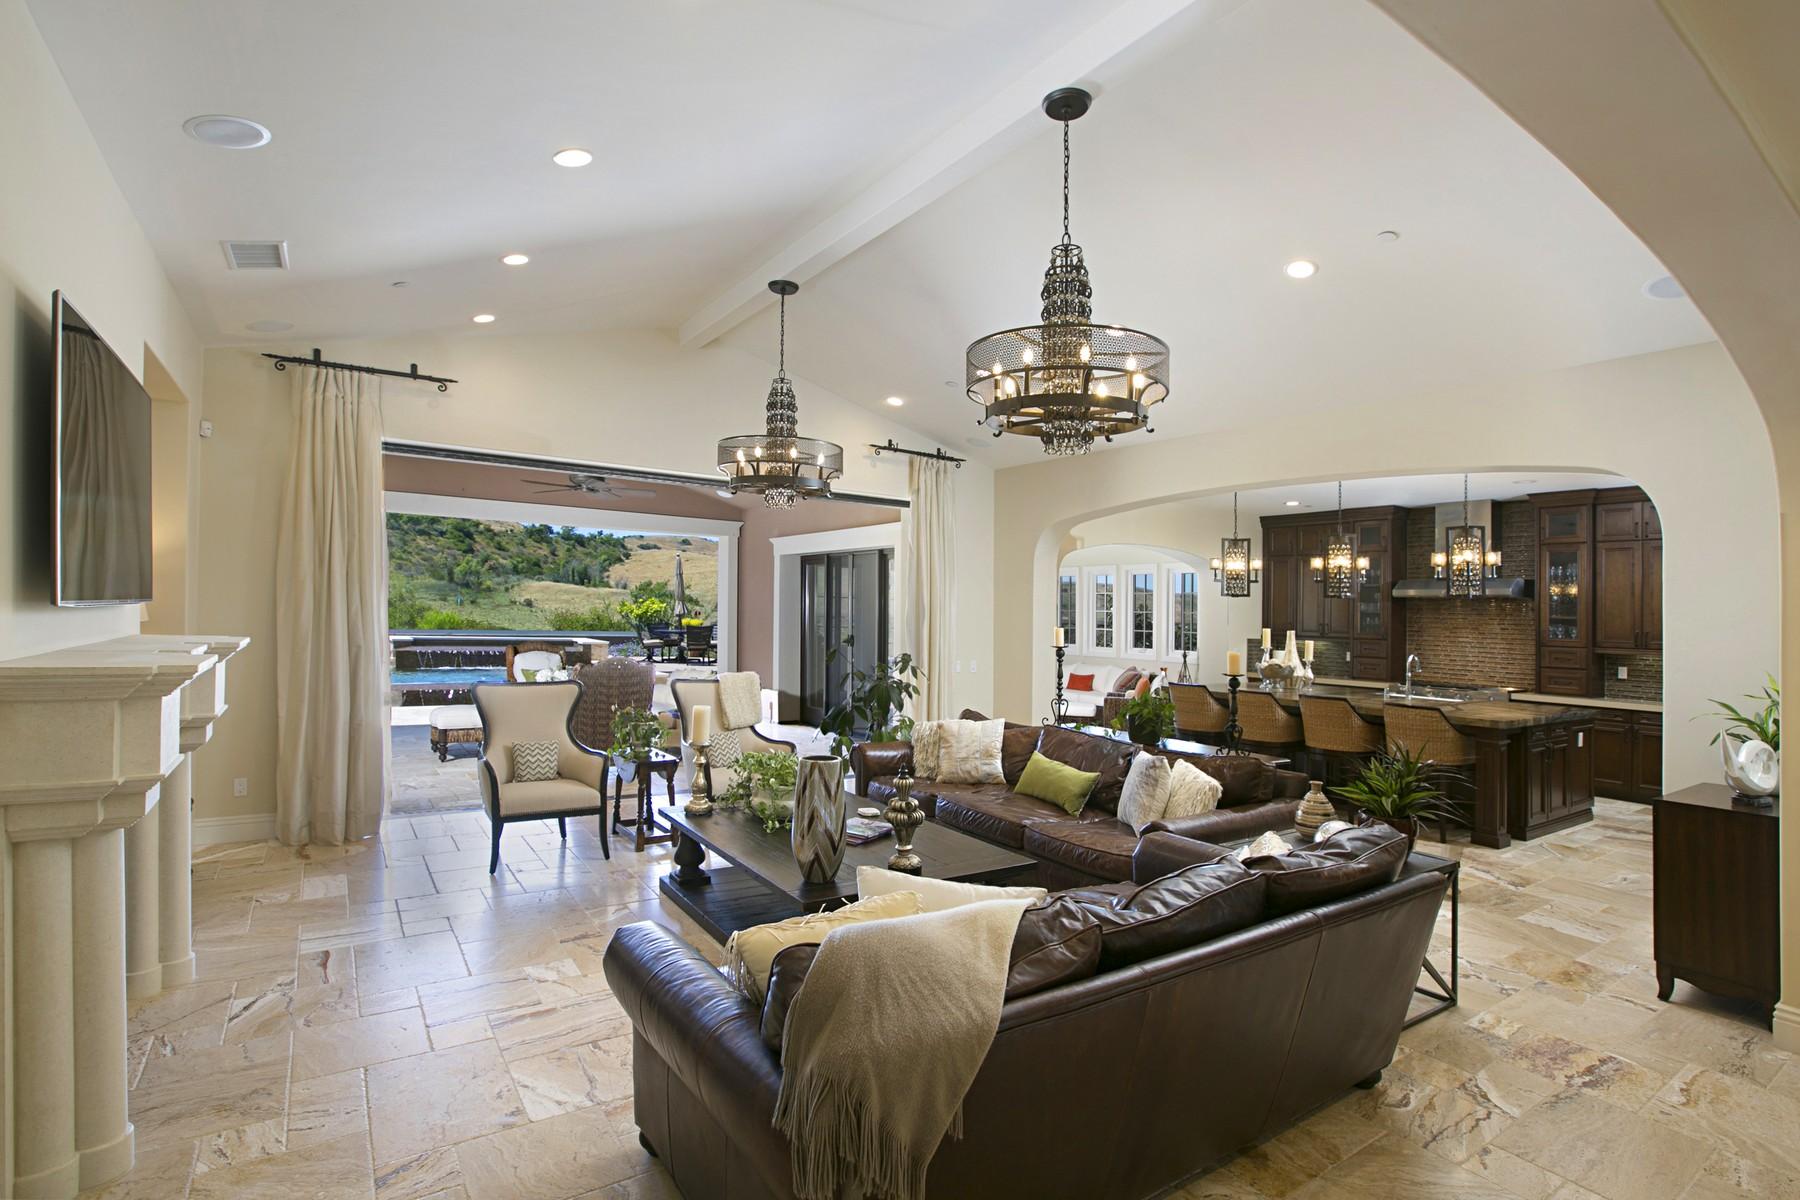 단독 가정 주택 용 매매 에 14772 Valle Del Sur Court San Diego, 캘리포니아, 92127 미국